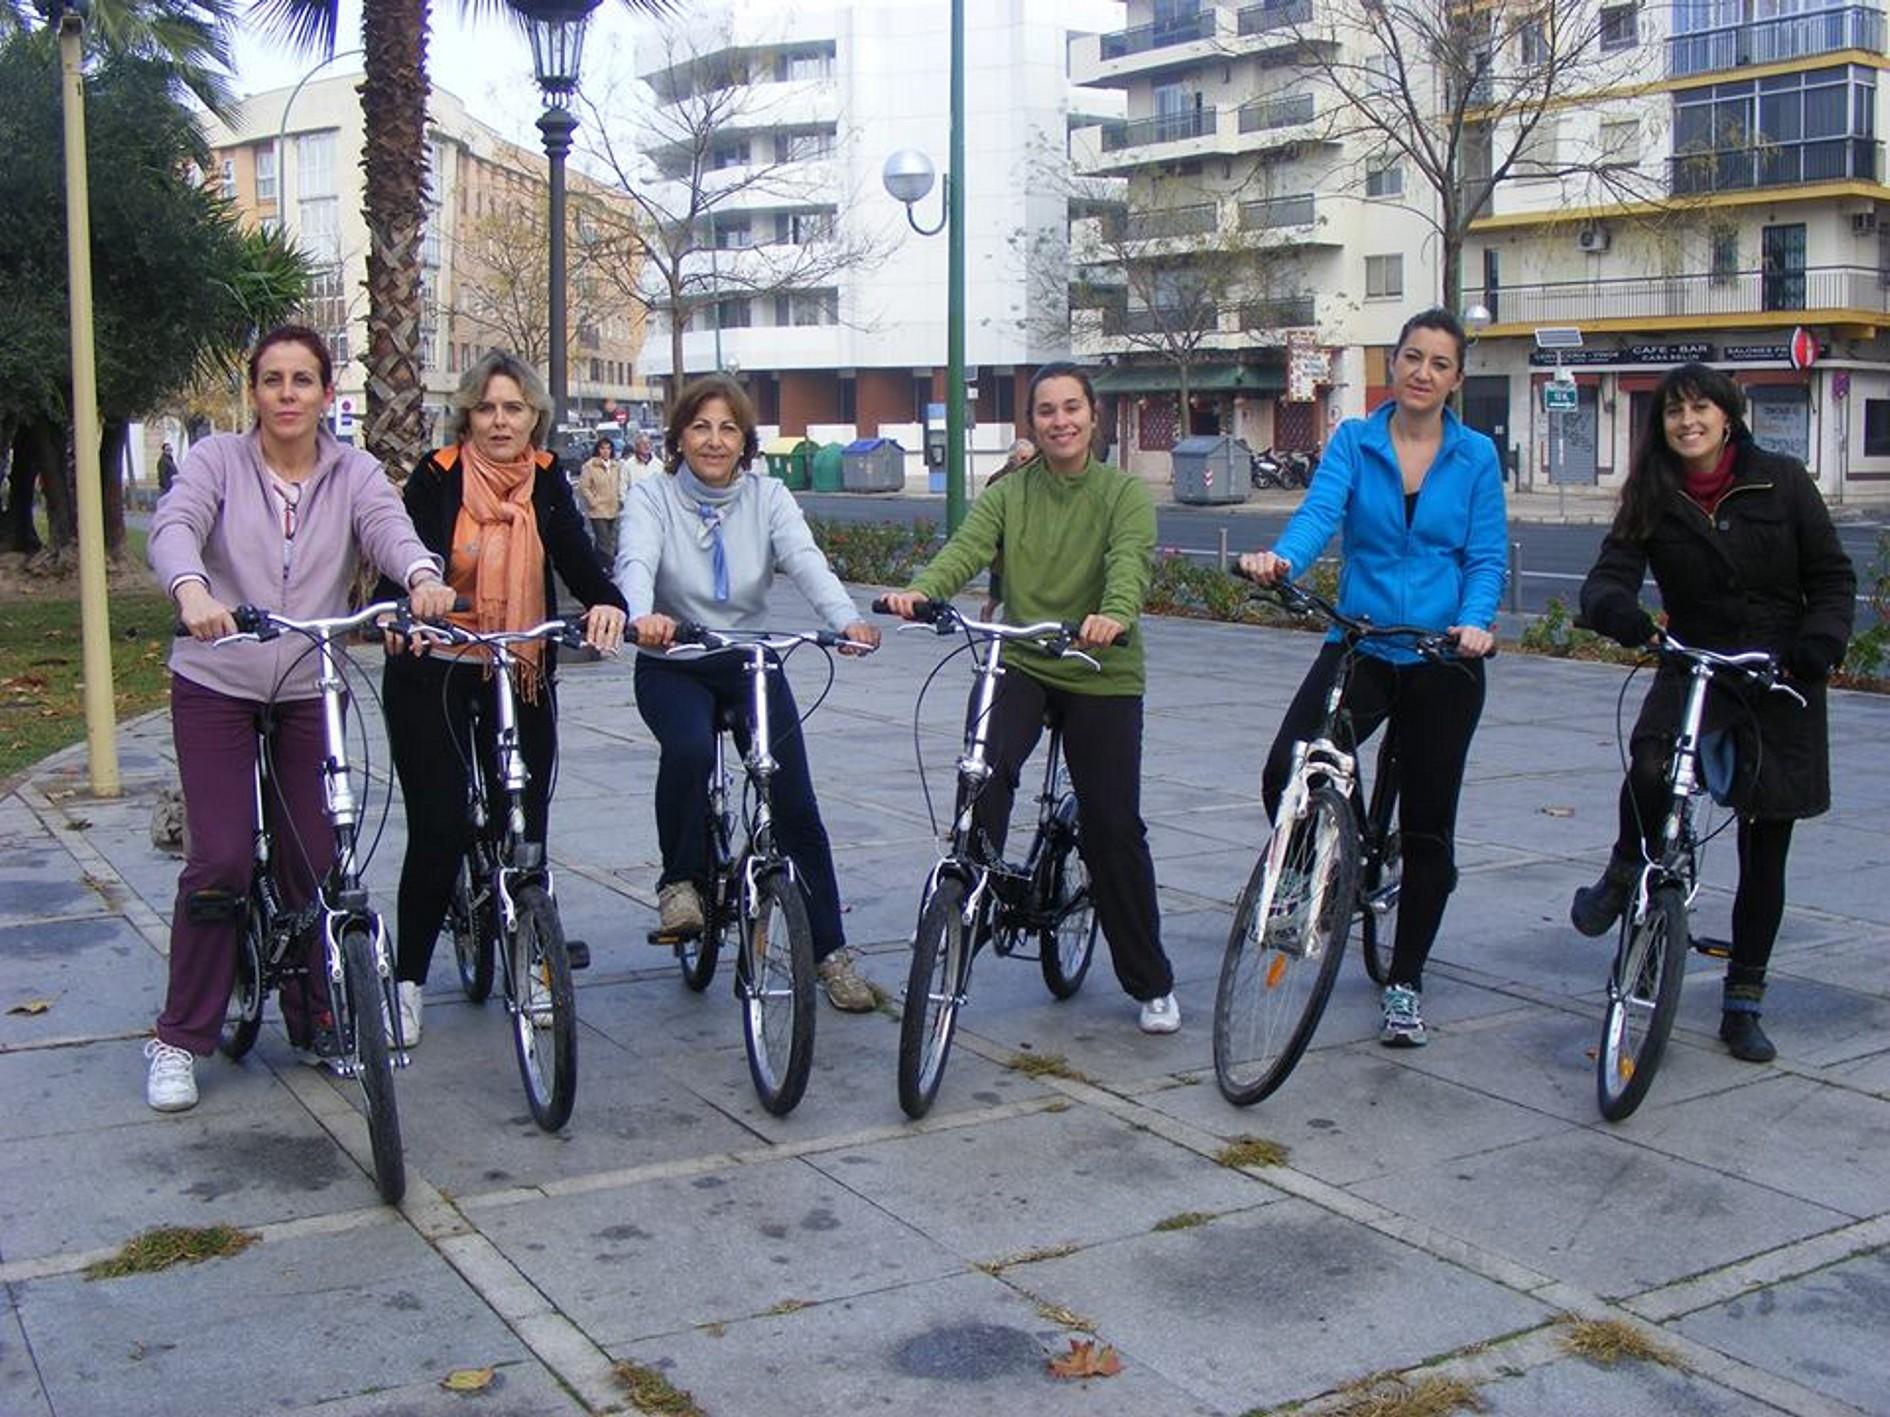 Clases para mujeres para aprender a montar en bicicleta.